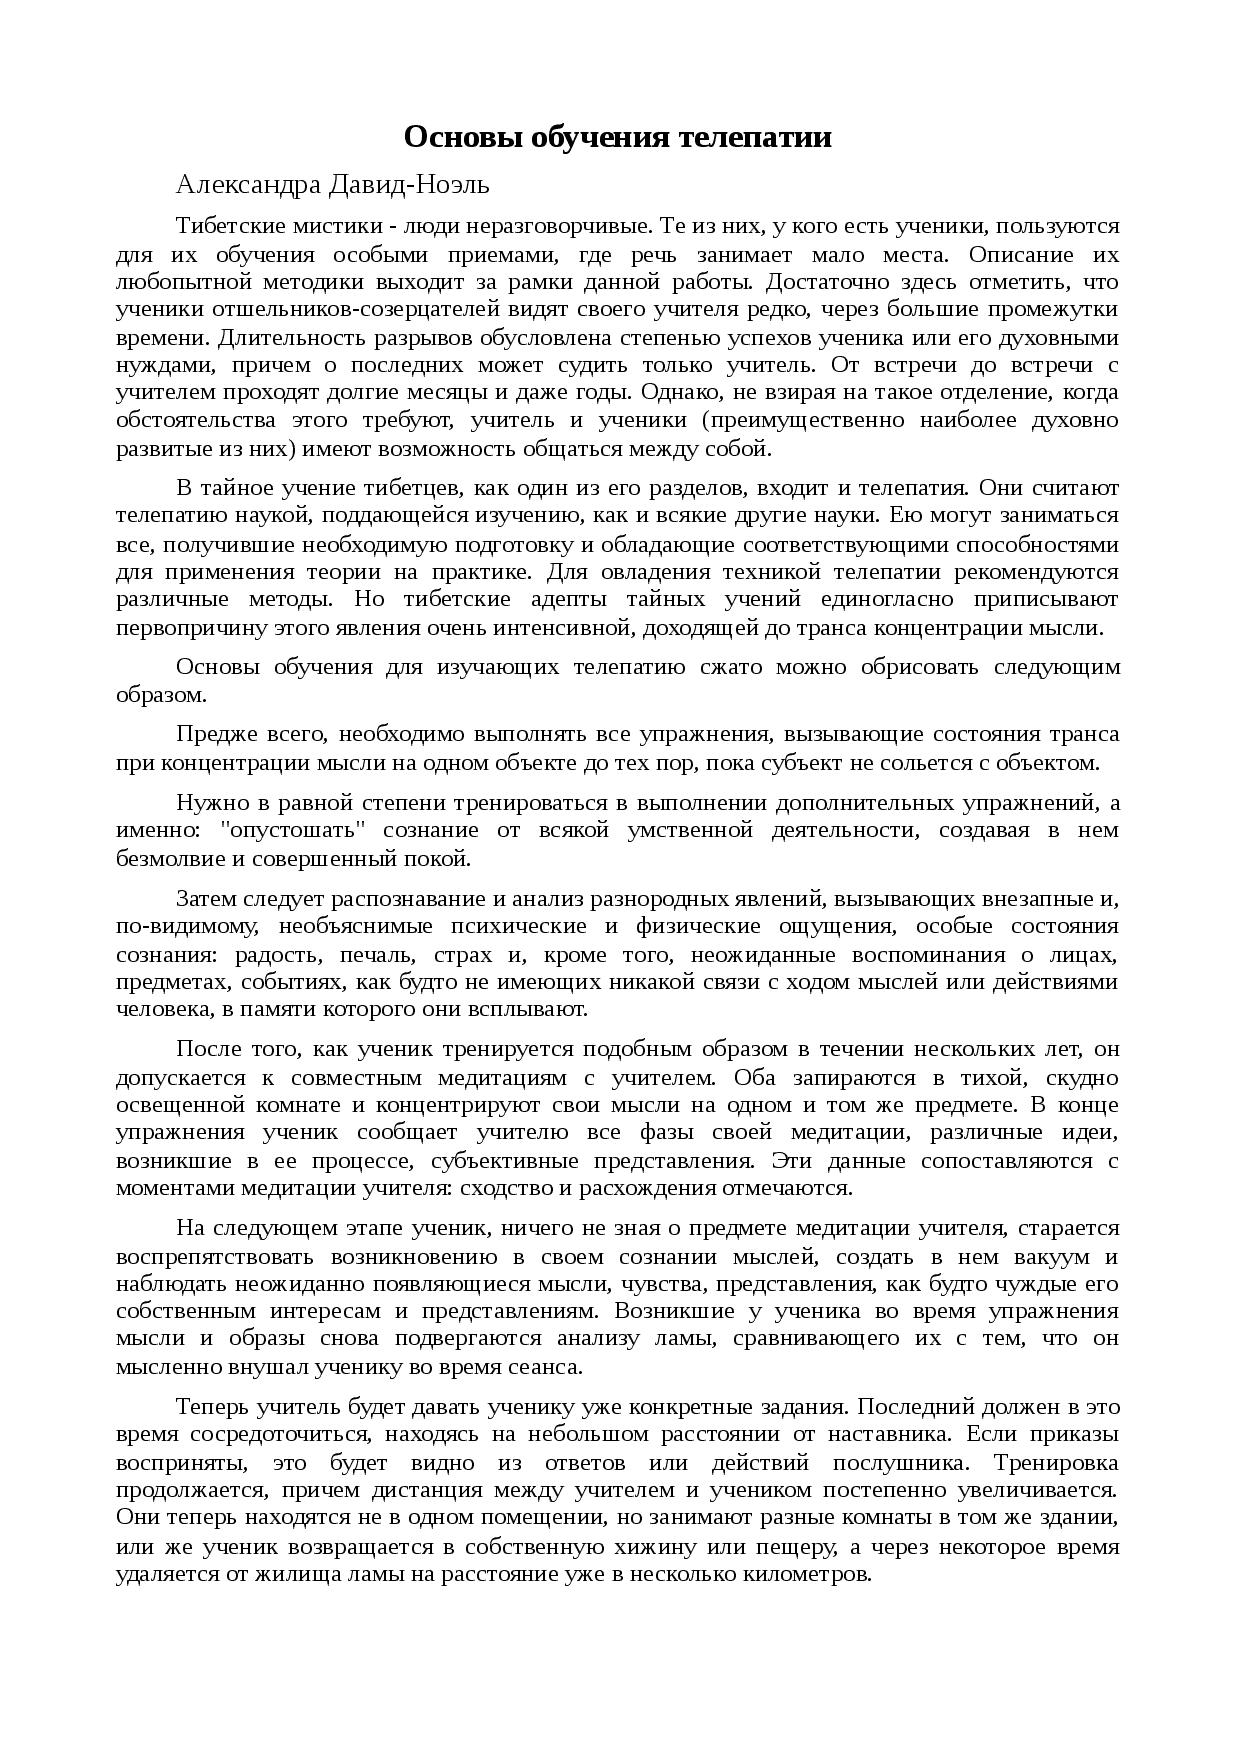 Состояния сознания исостояние-специфичные науки. часть1